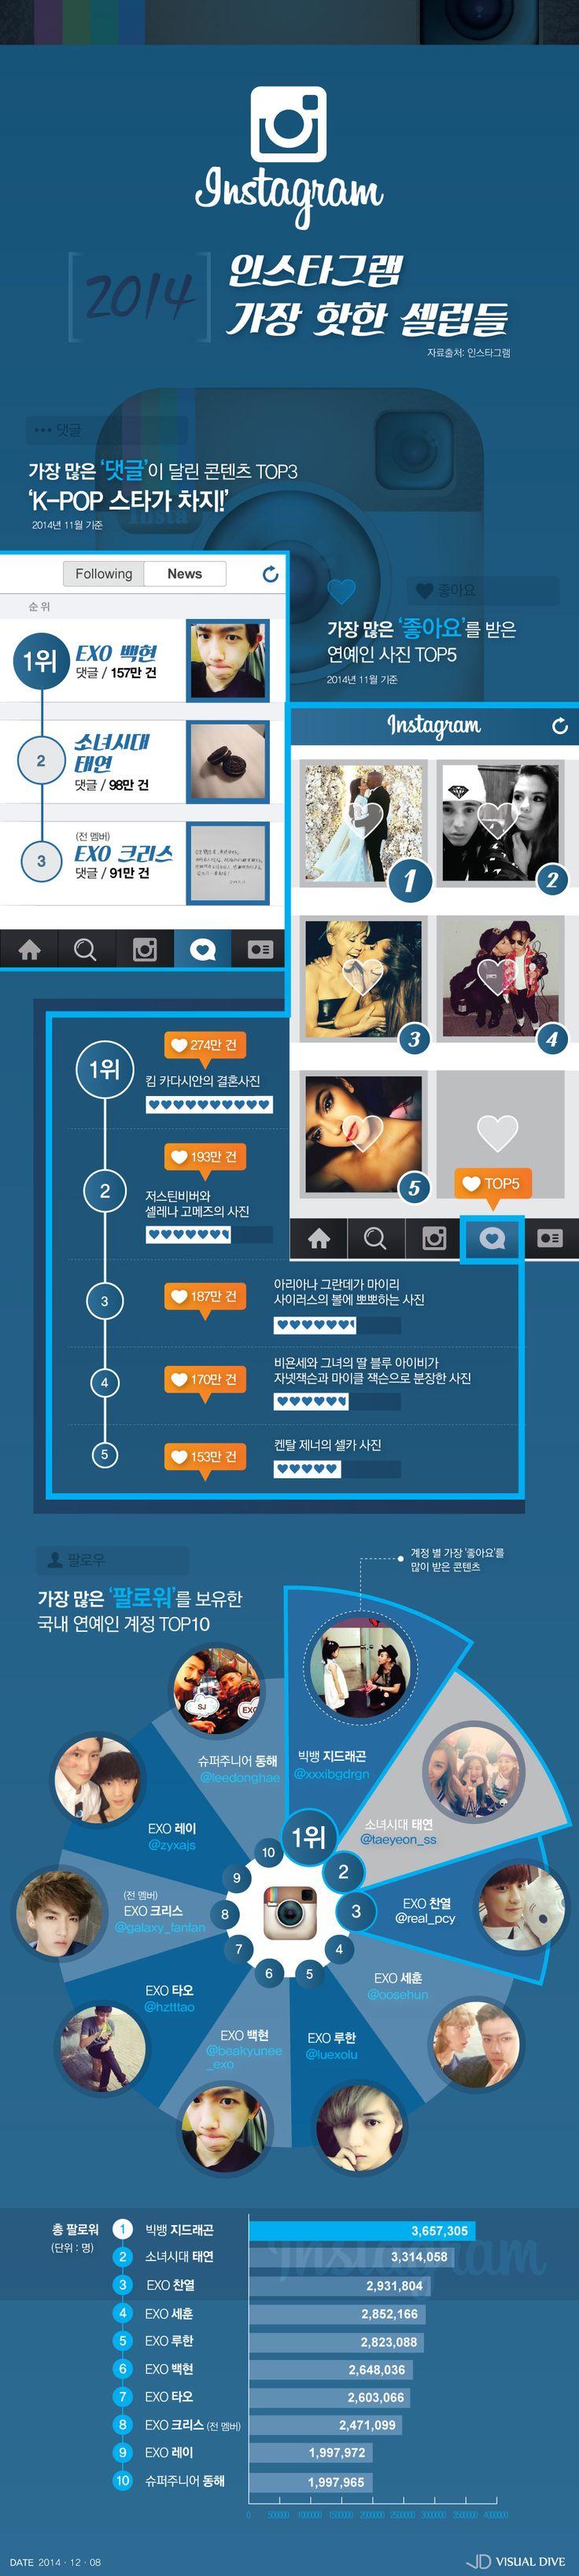 'EXO' 백현, 인스타그램 최고스타…'좋아요' 최다는 킴 카다시안 [인포그래픽] #instagram / #Infographic ⓒ 비주얼다이브 무단 복사·전재·재배포 금지